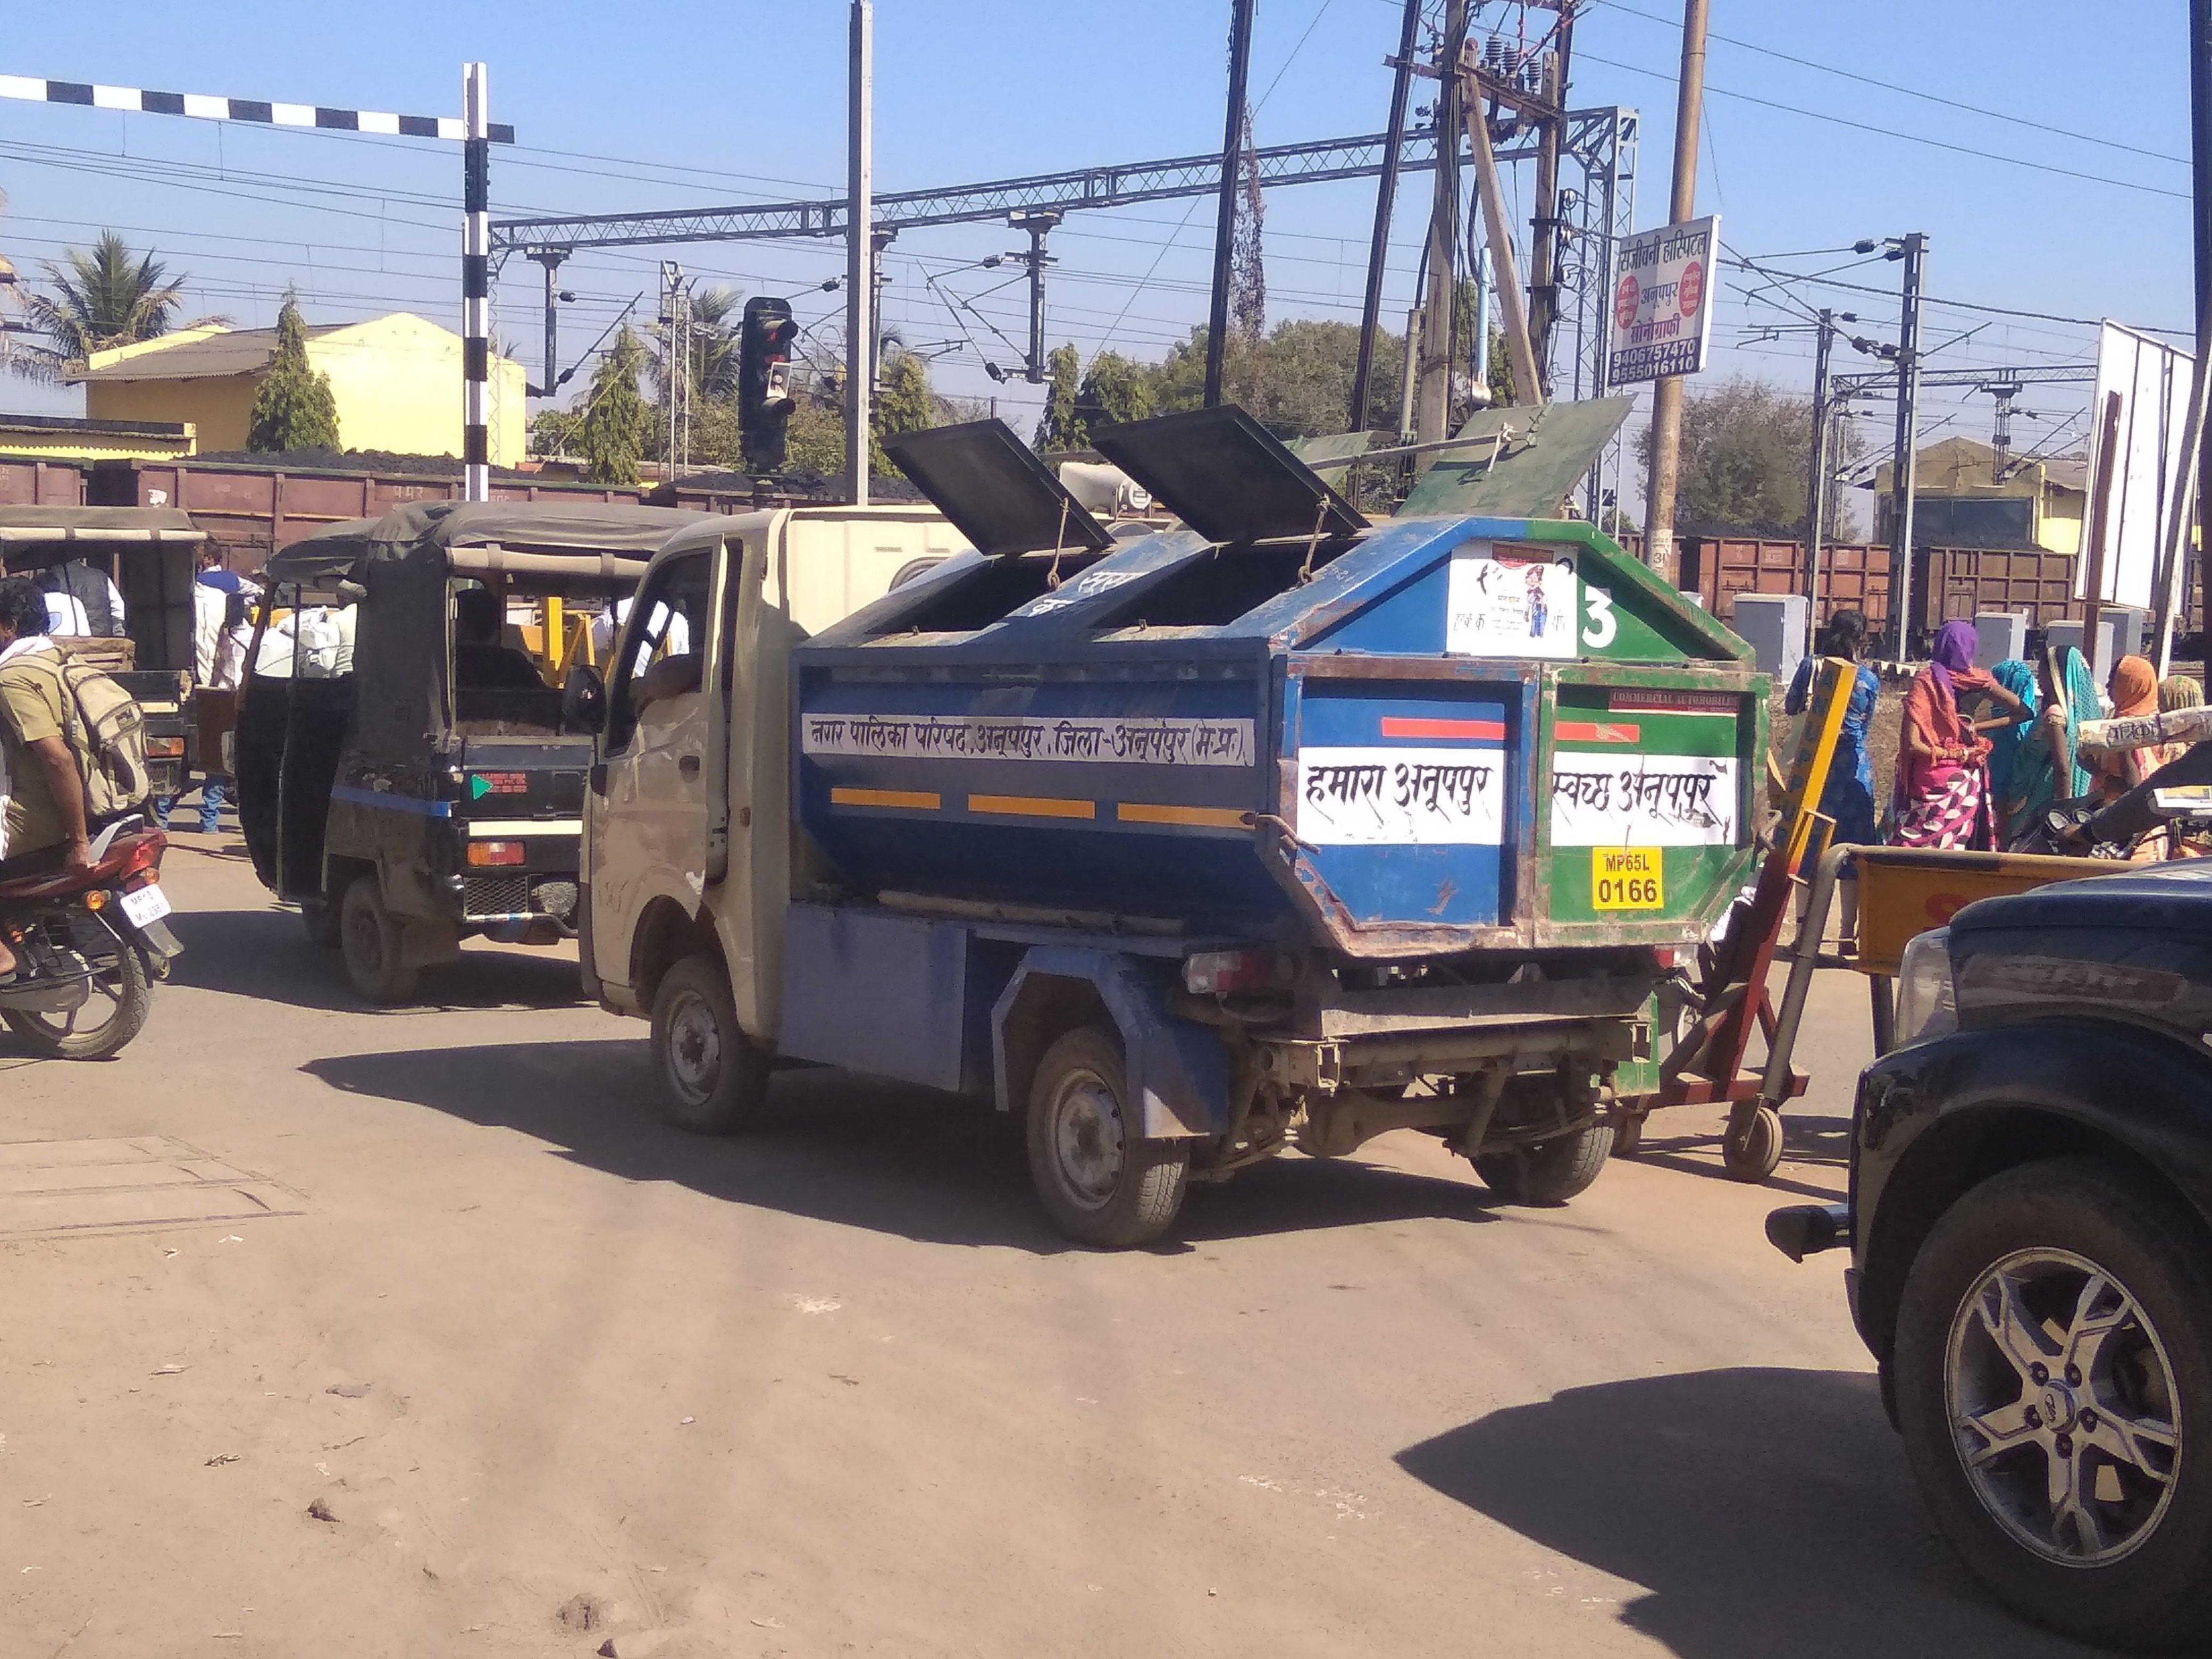 नगरपालिका ने नहीं किया डीजल का भुगतान, 15 दिनों तक नहीं हुआ कचरा संग्रहण का काम